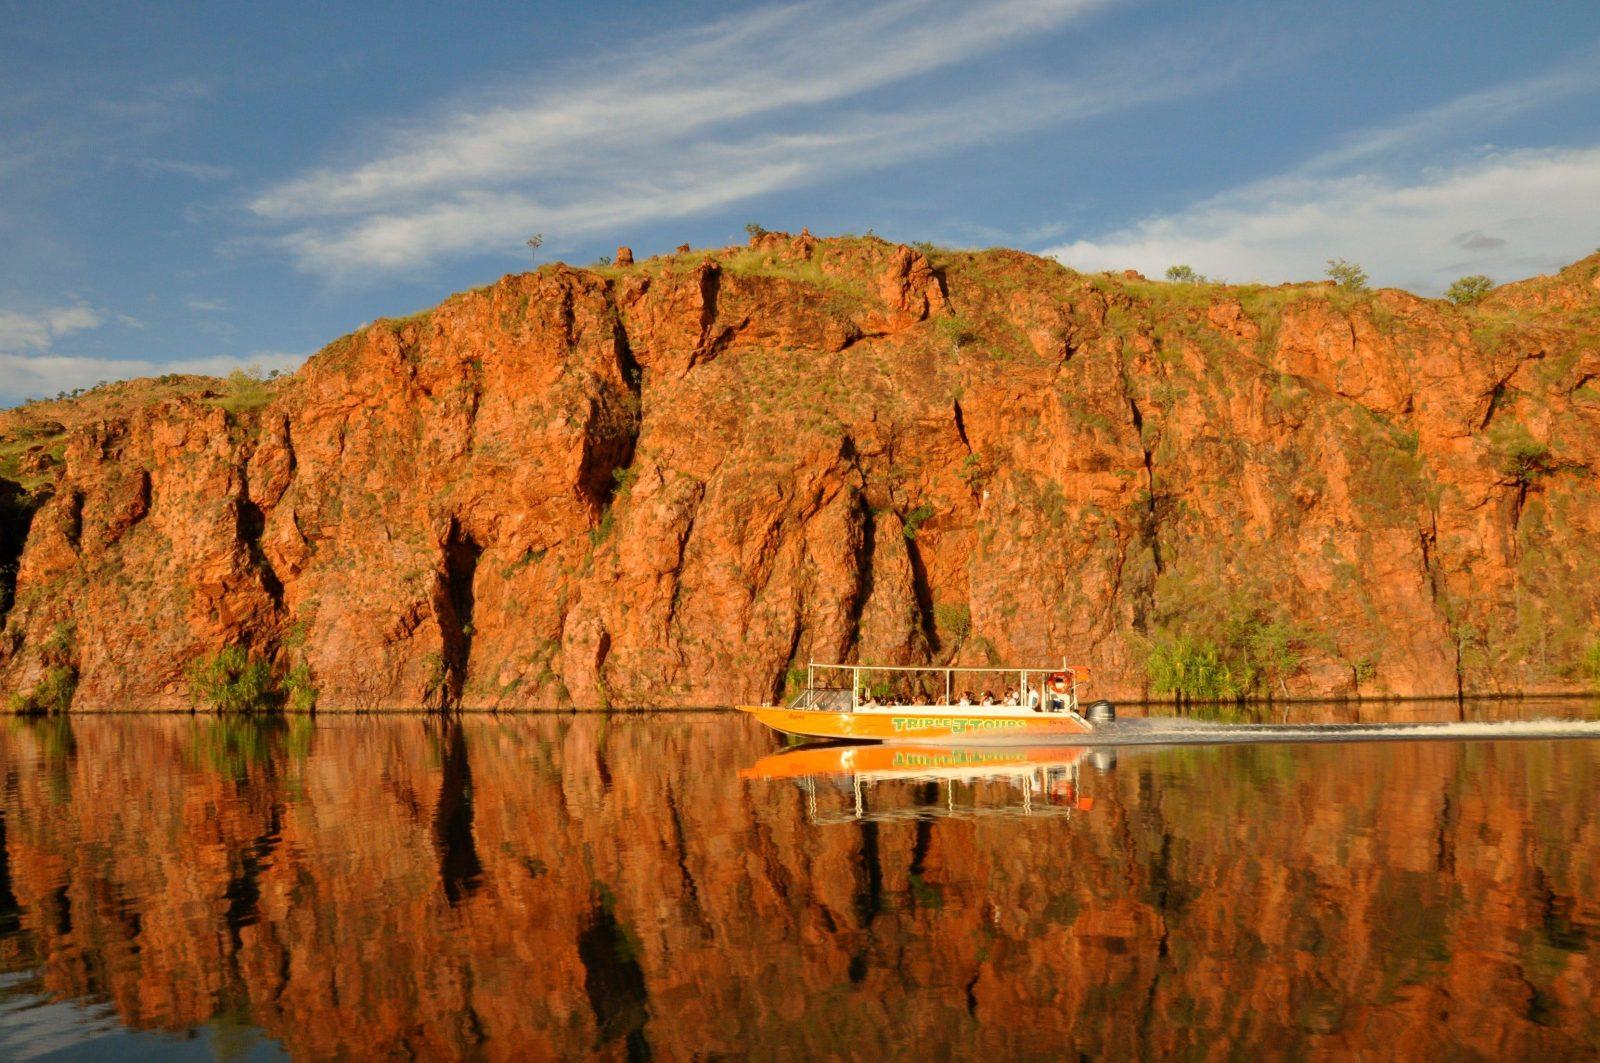 Triple J Tours, Kununurra, Western Australia